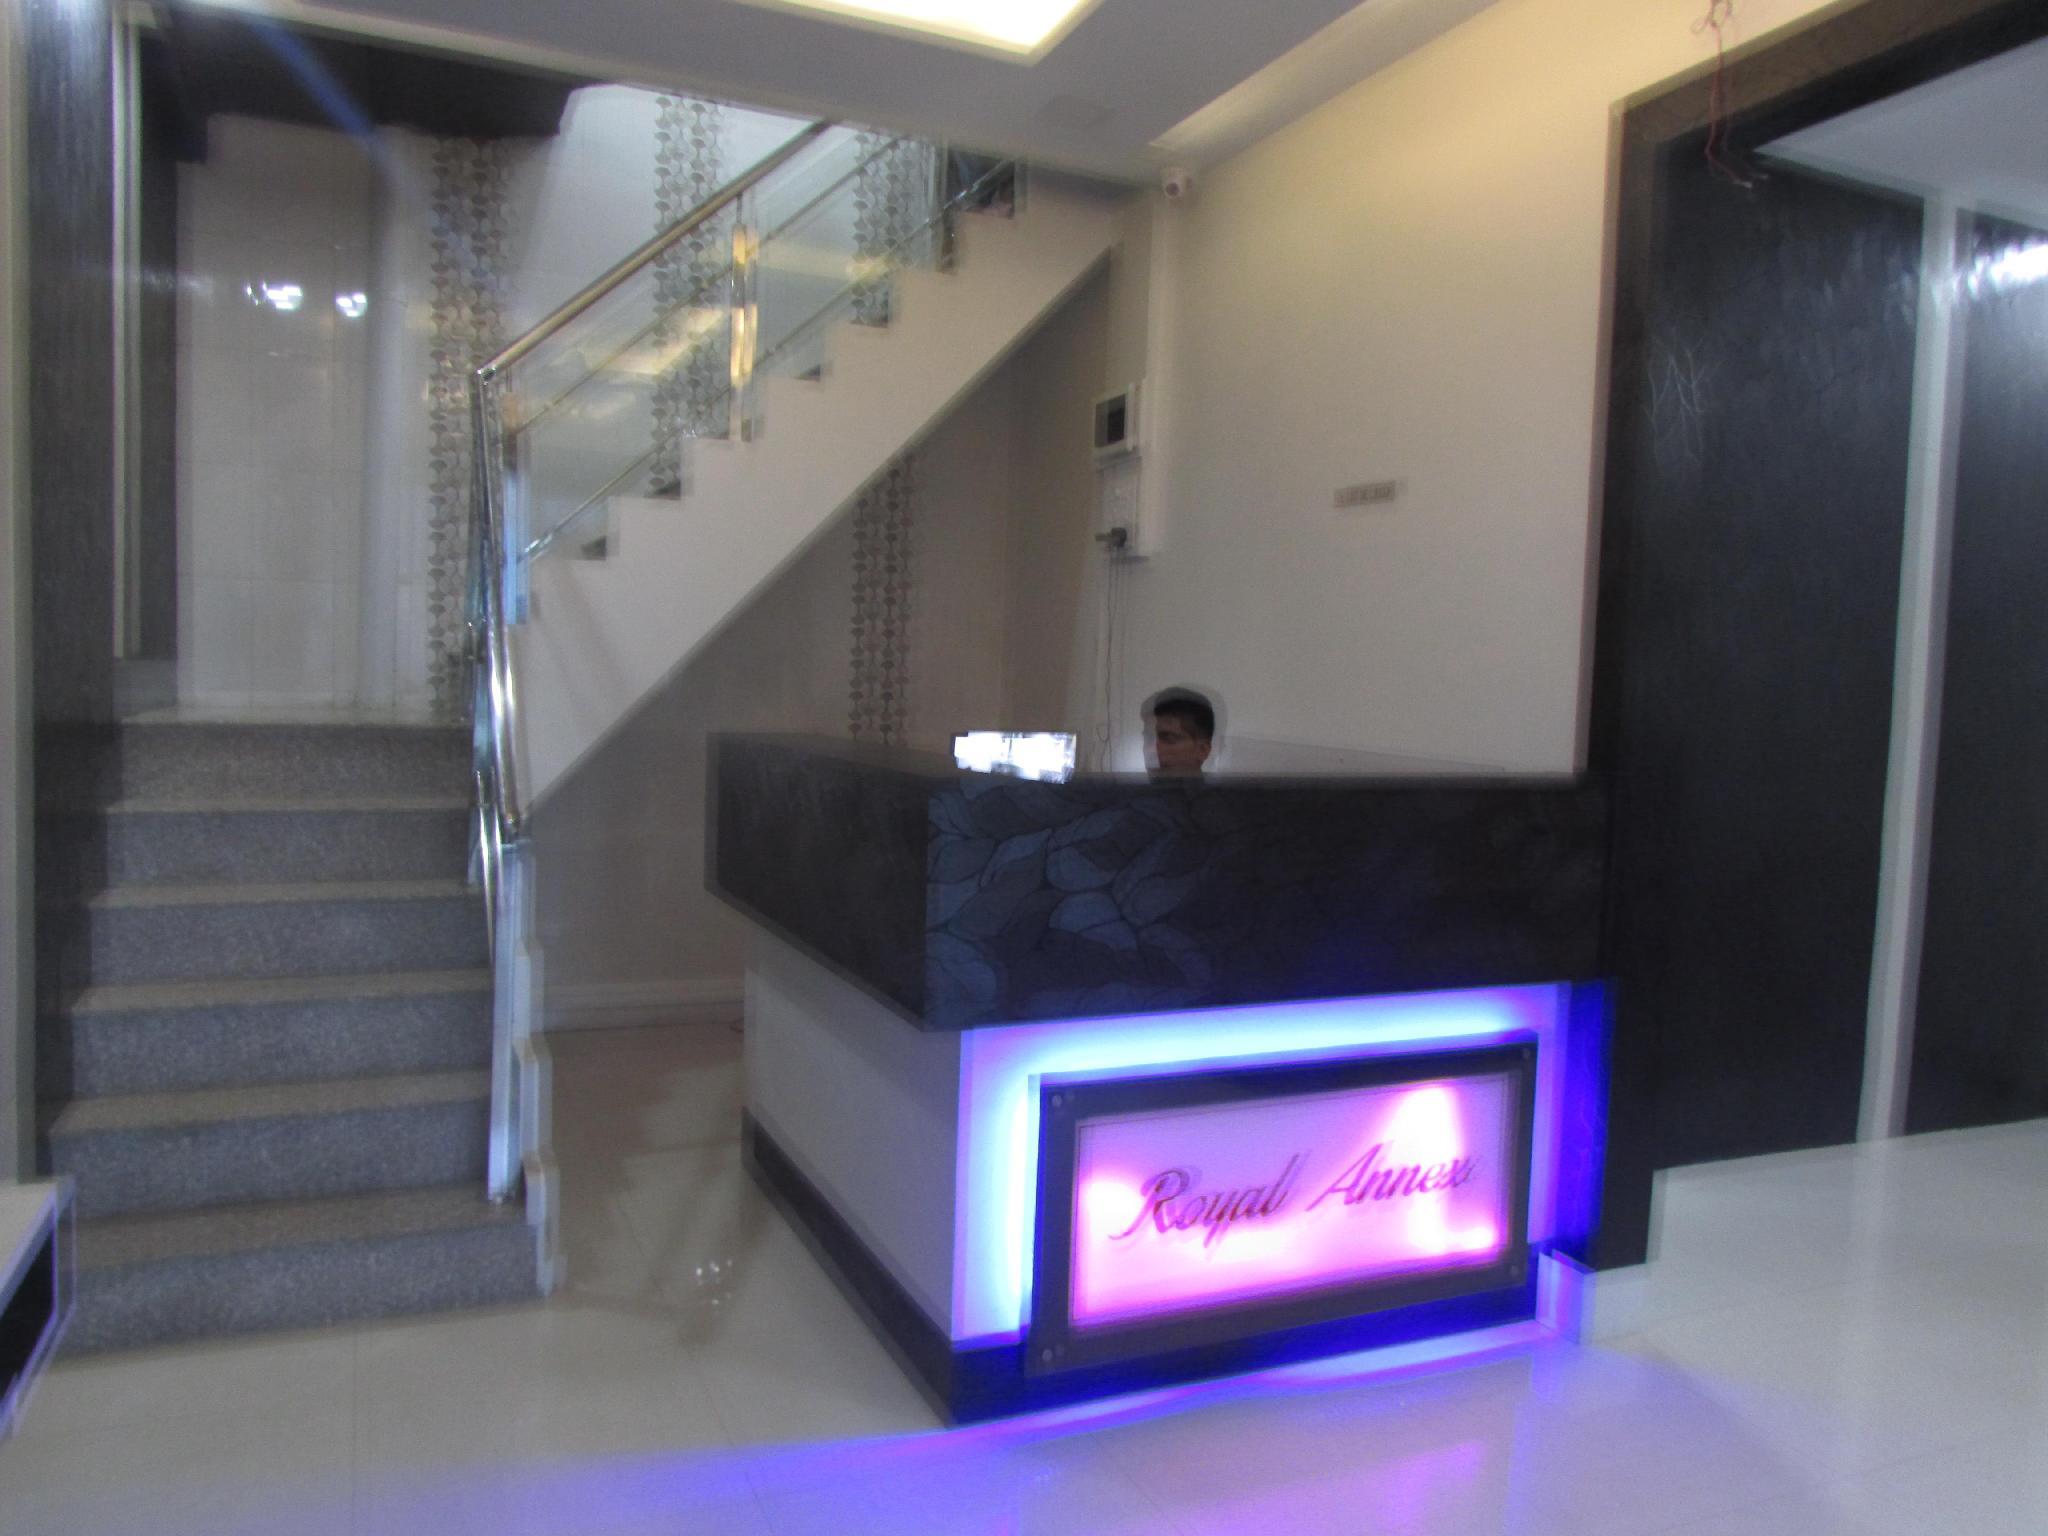 Hotel Royal Annex - Mumbai